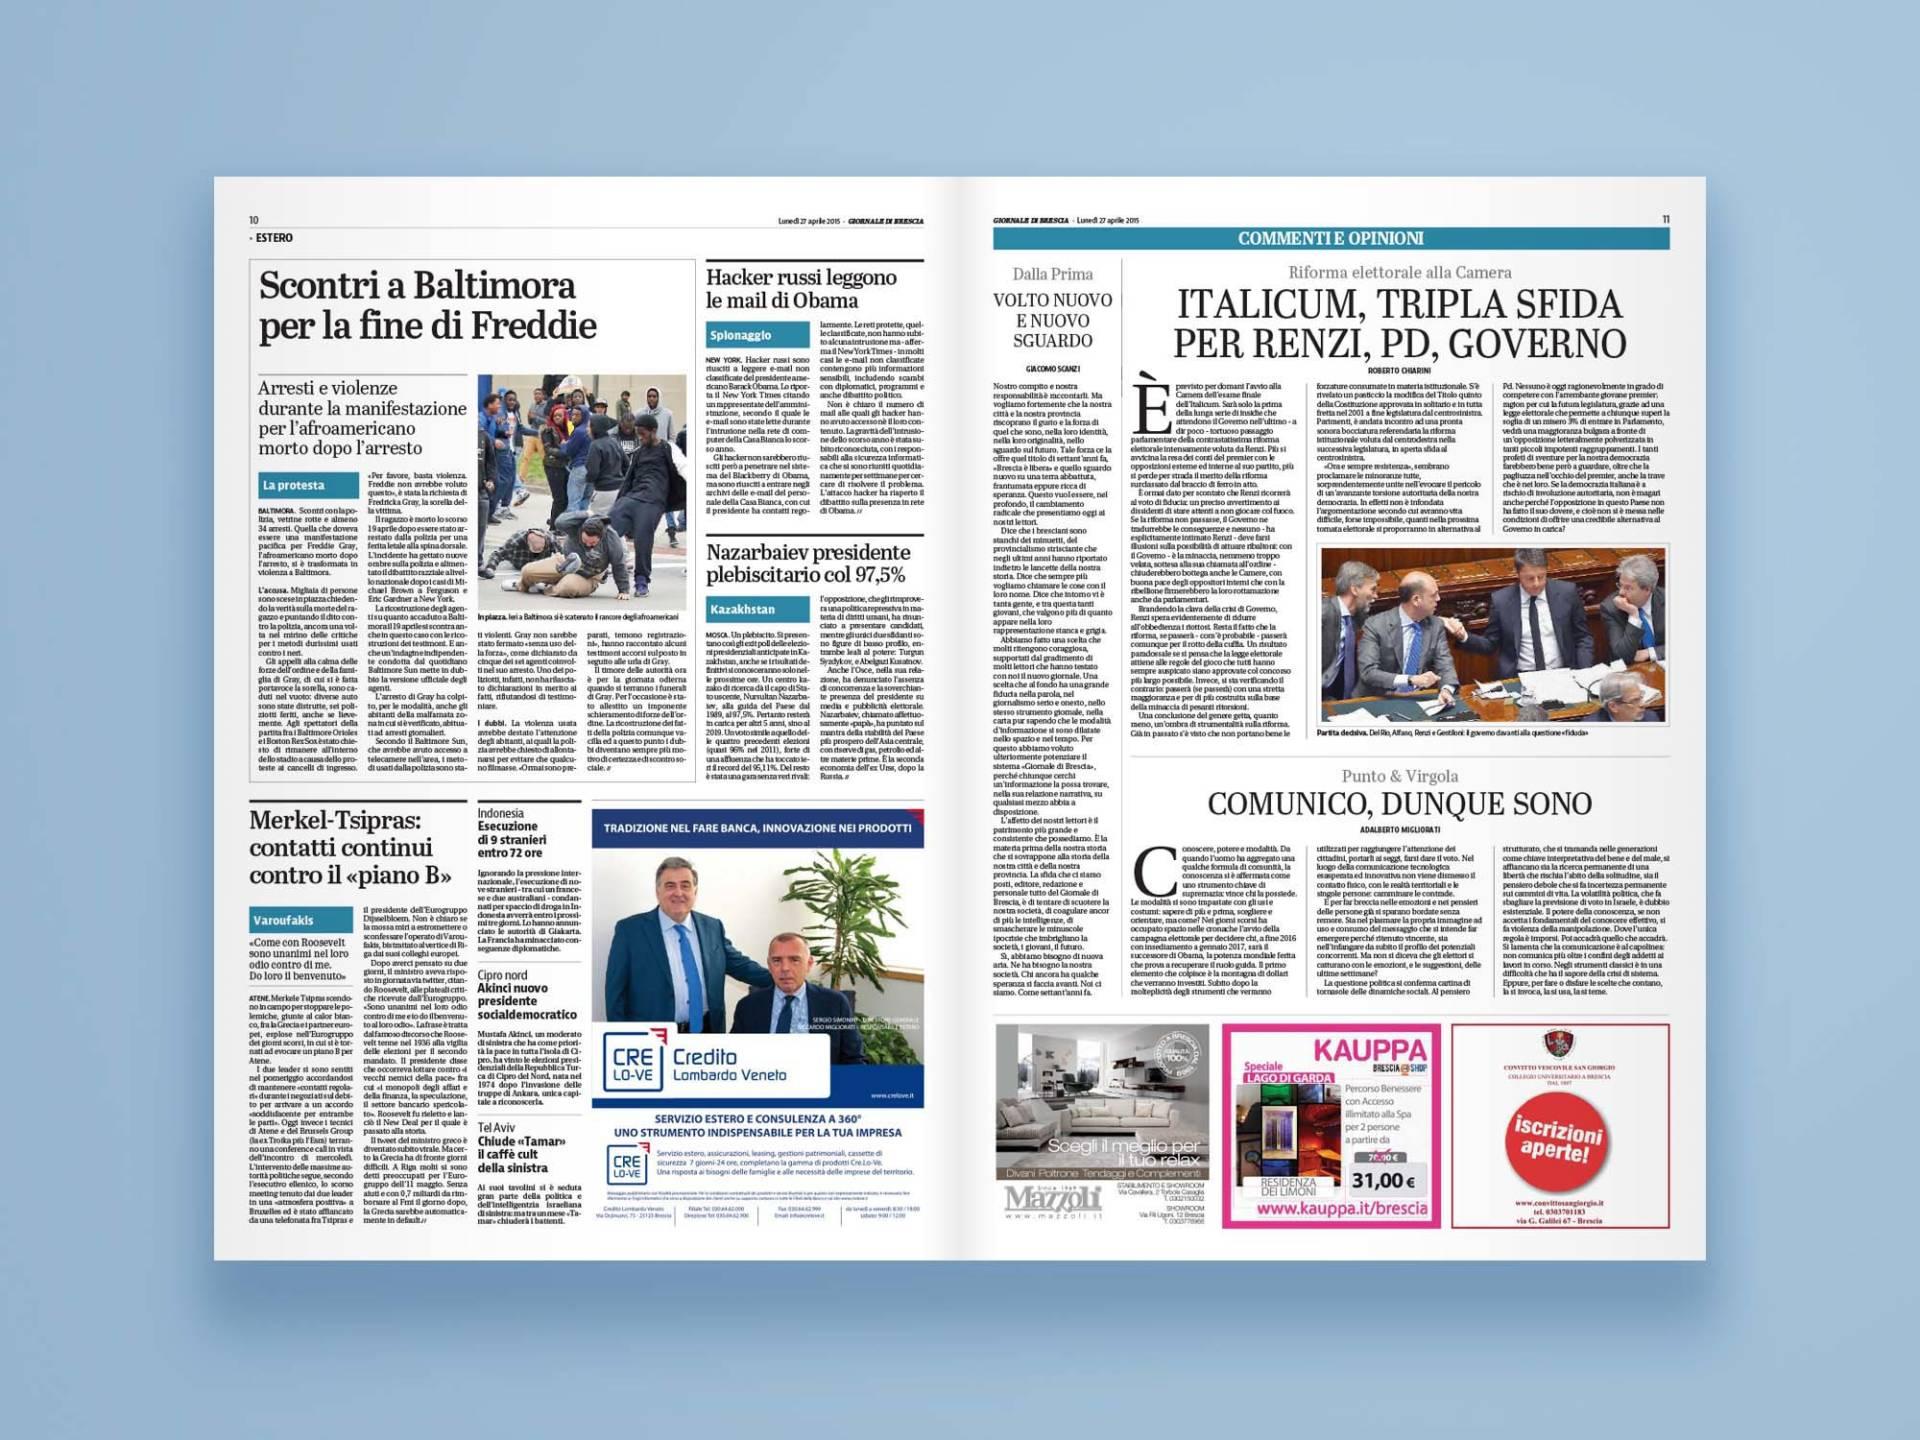 Giornale_di_Brescia_04_Wenceslau_News_Design